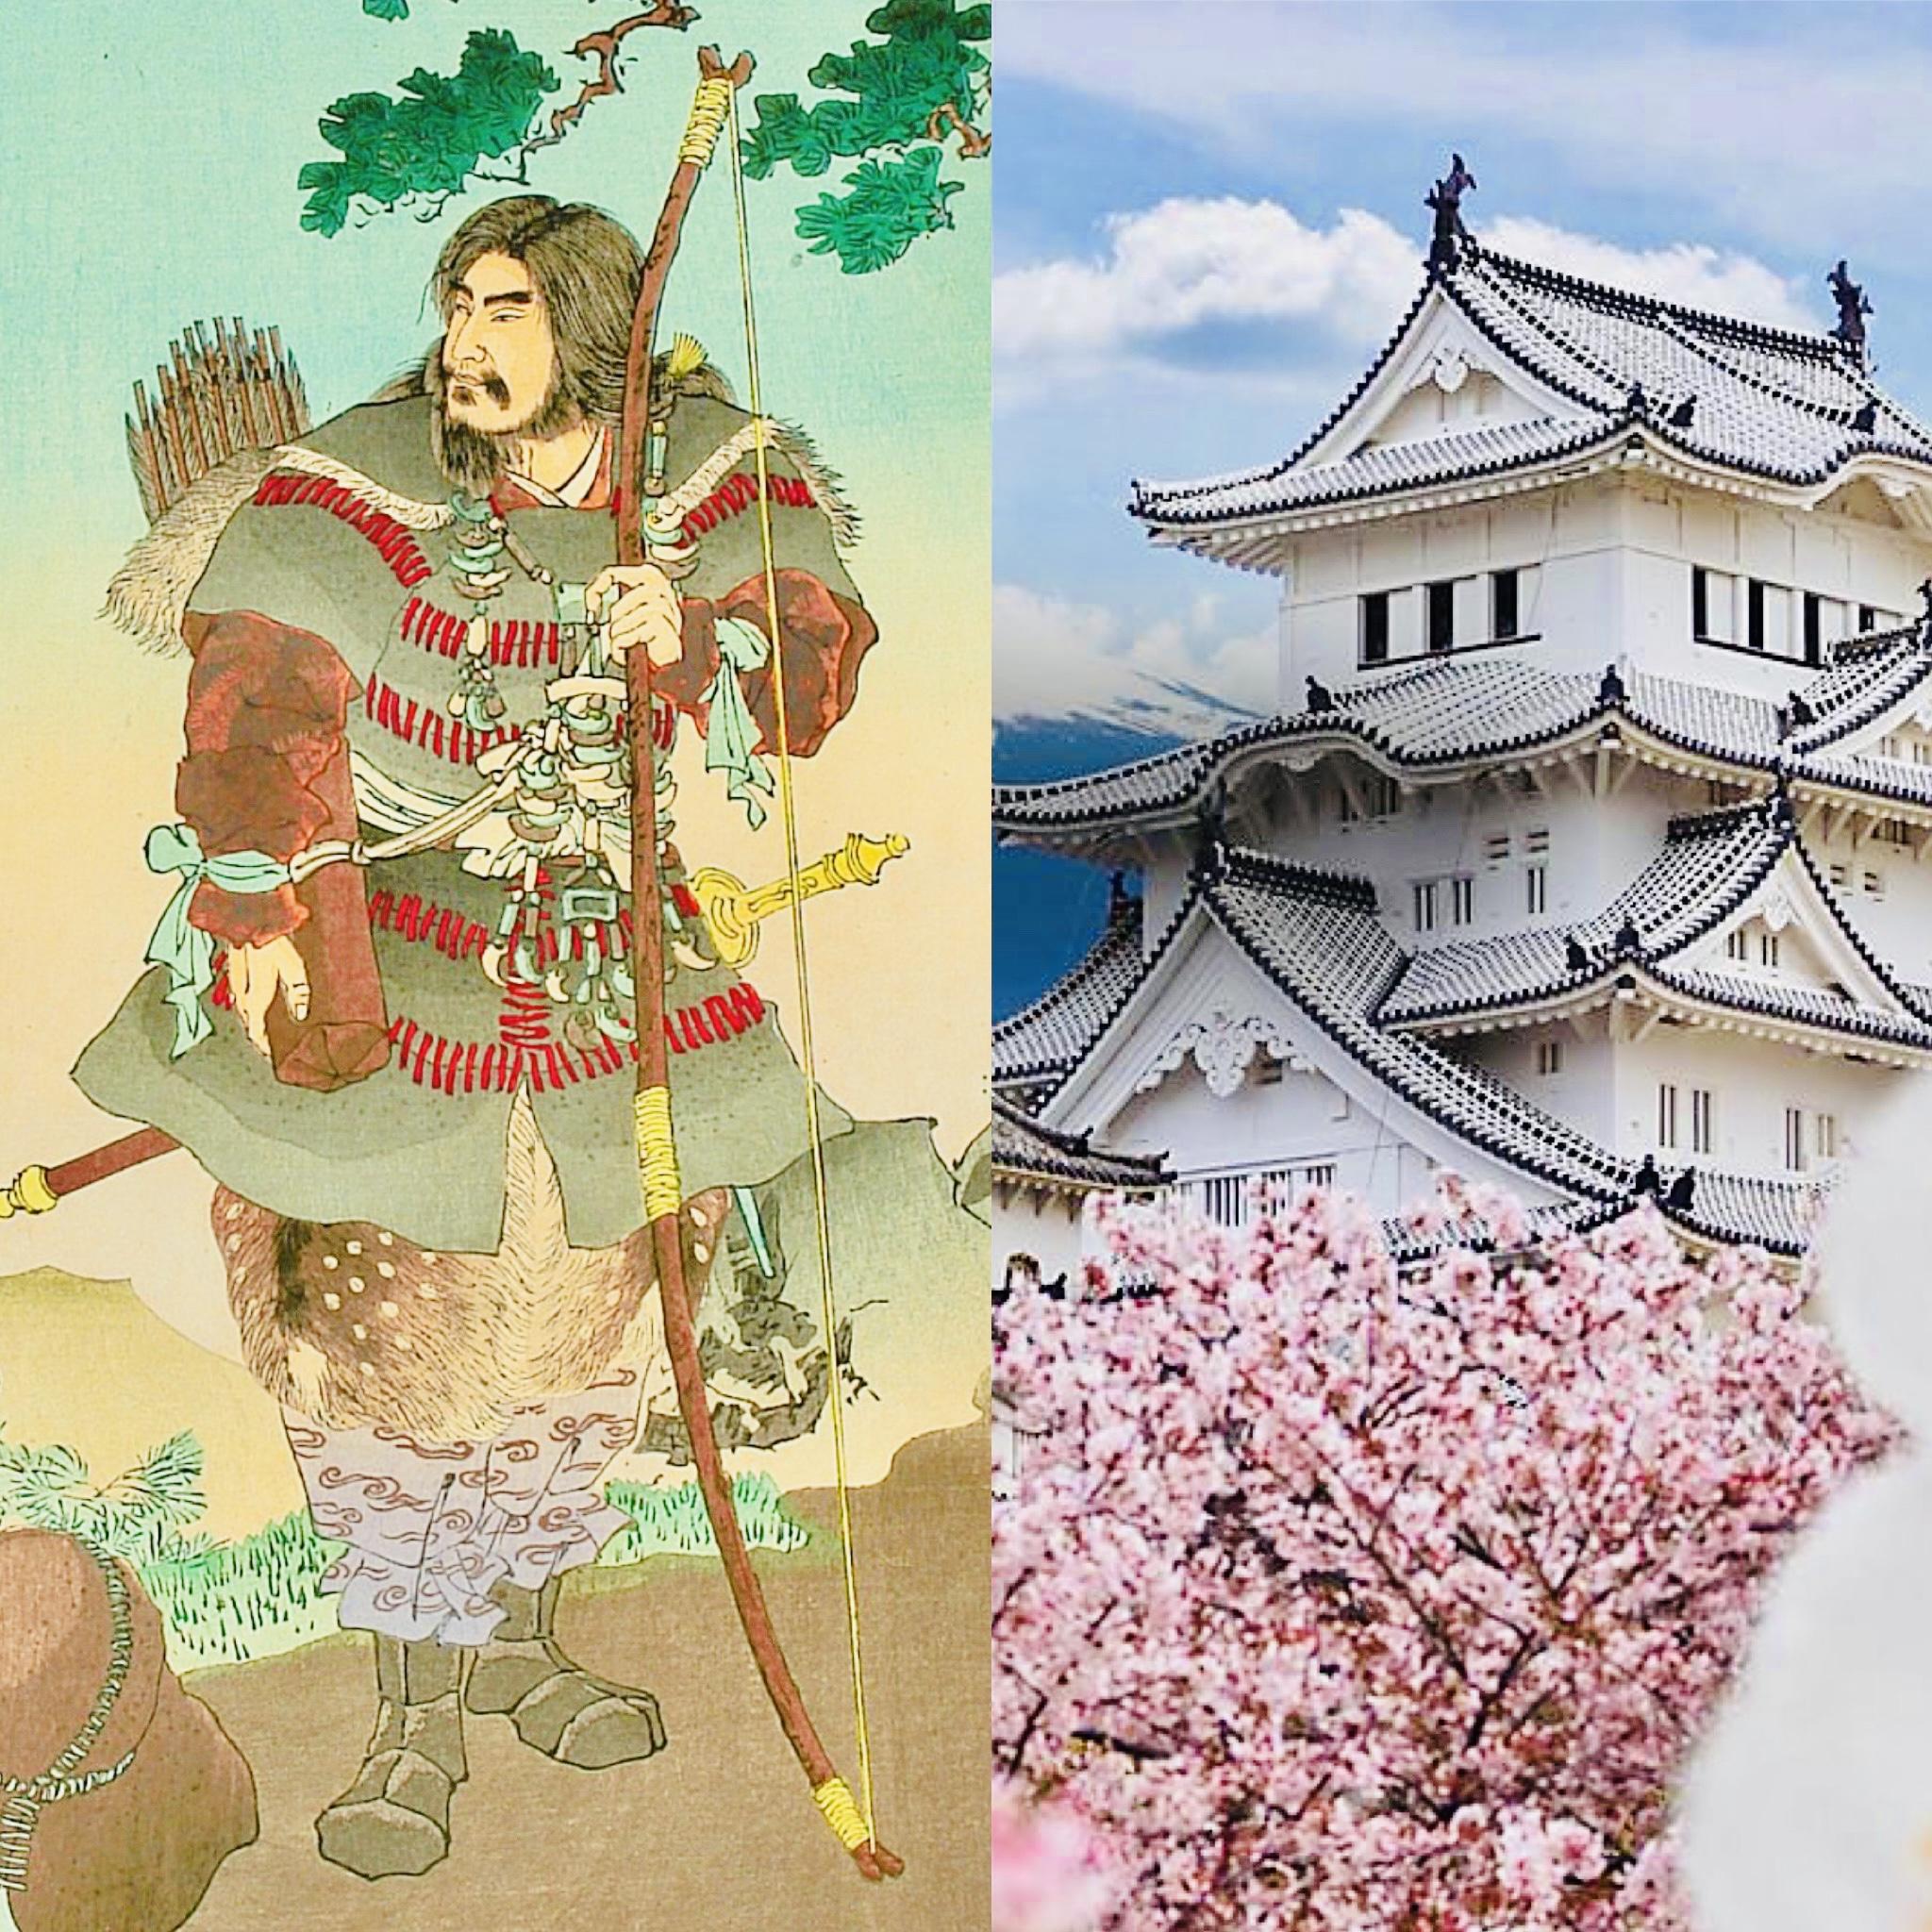 copertina Il mio viaggio in Giappone traveltherapists blog giappone elina e marzia blogger miglior blog di viaggio